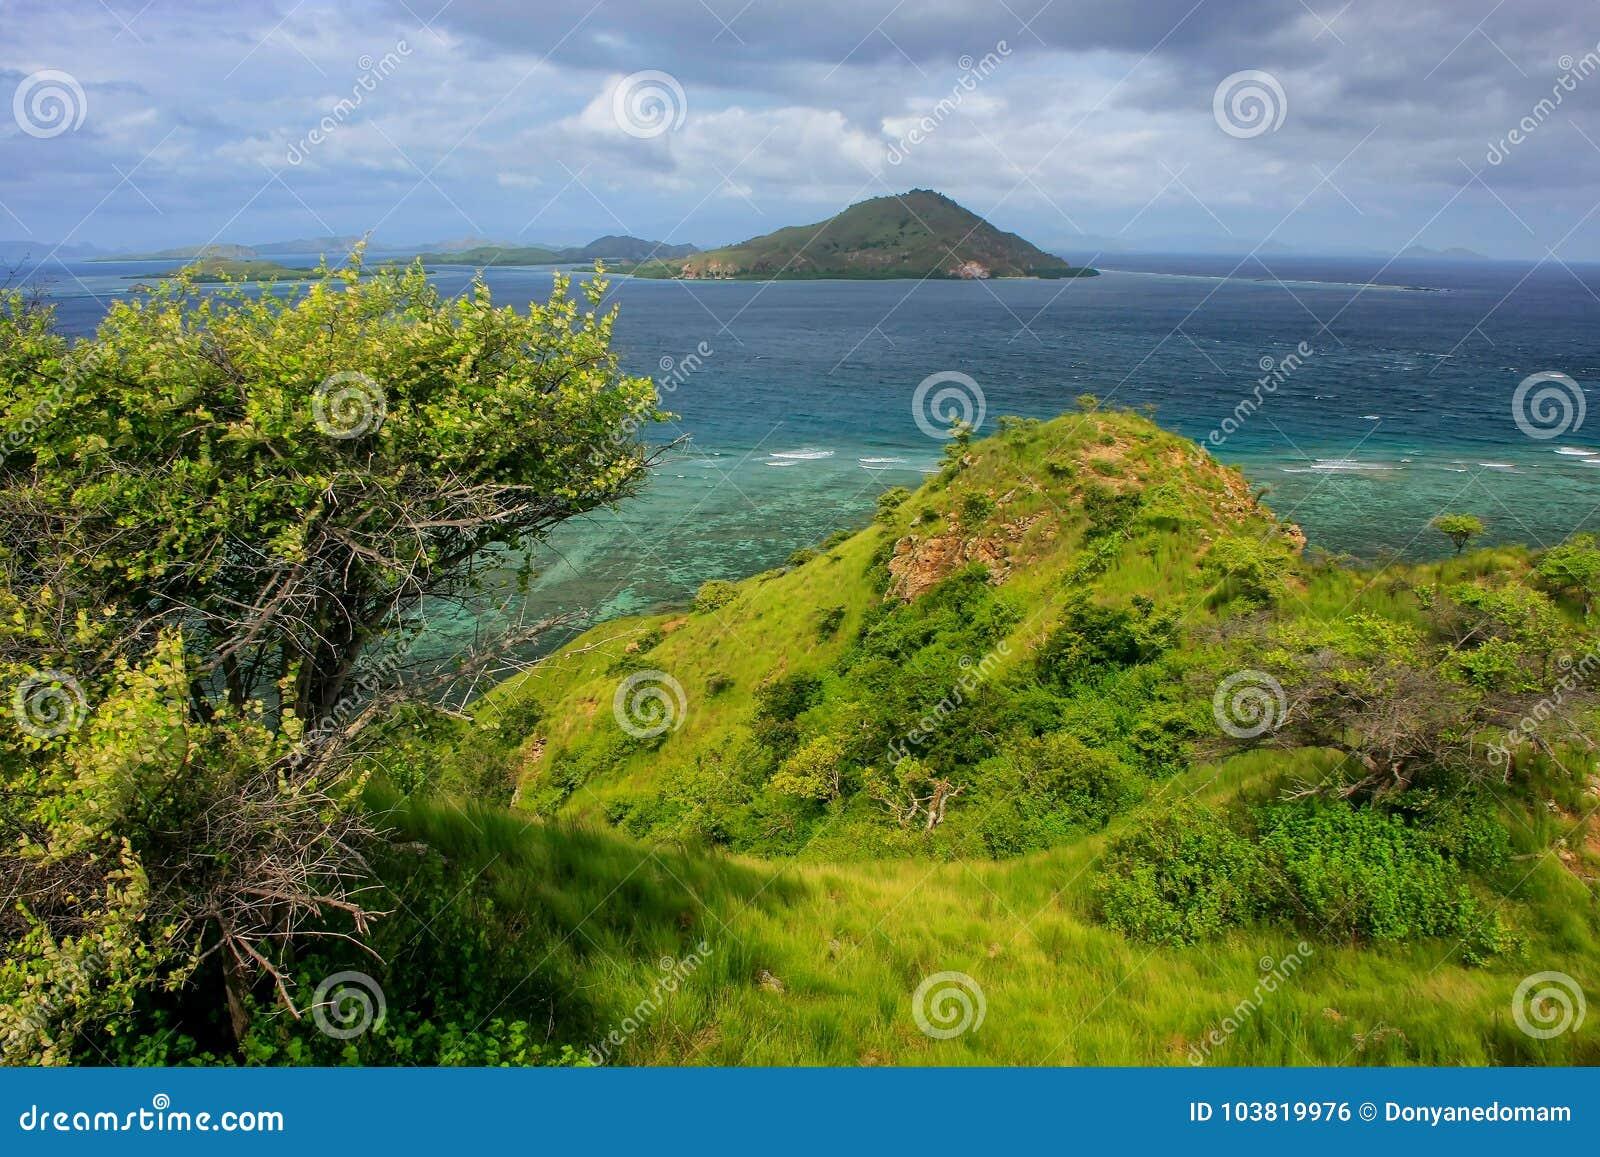 Isola di Kanawa nel mare del Flores, Nusa Tenggara, Indonesia